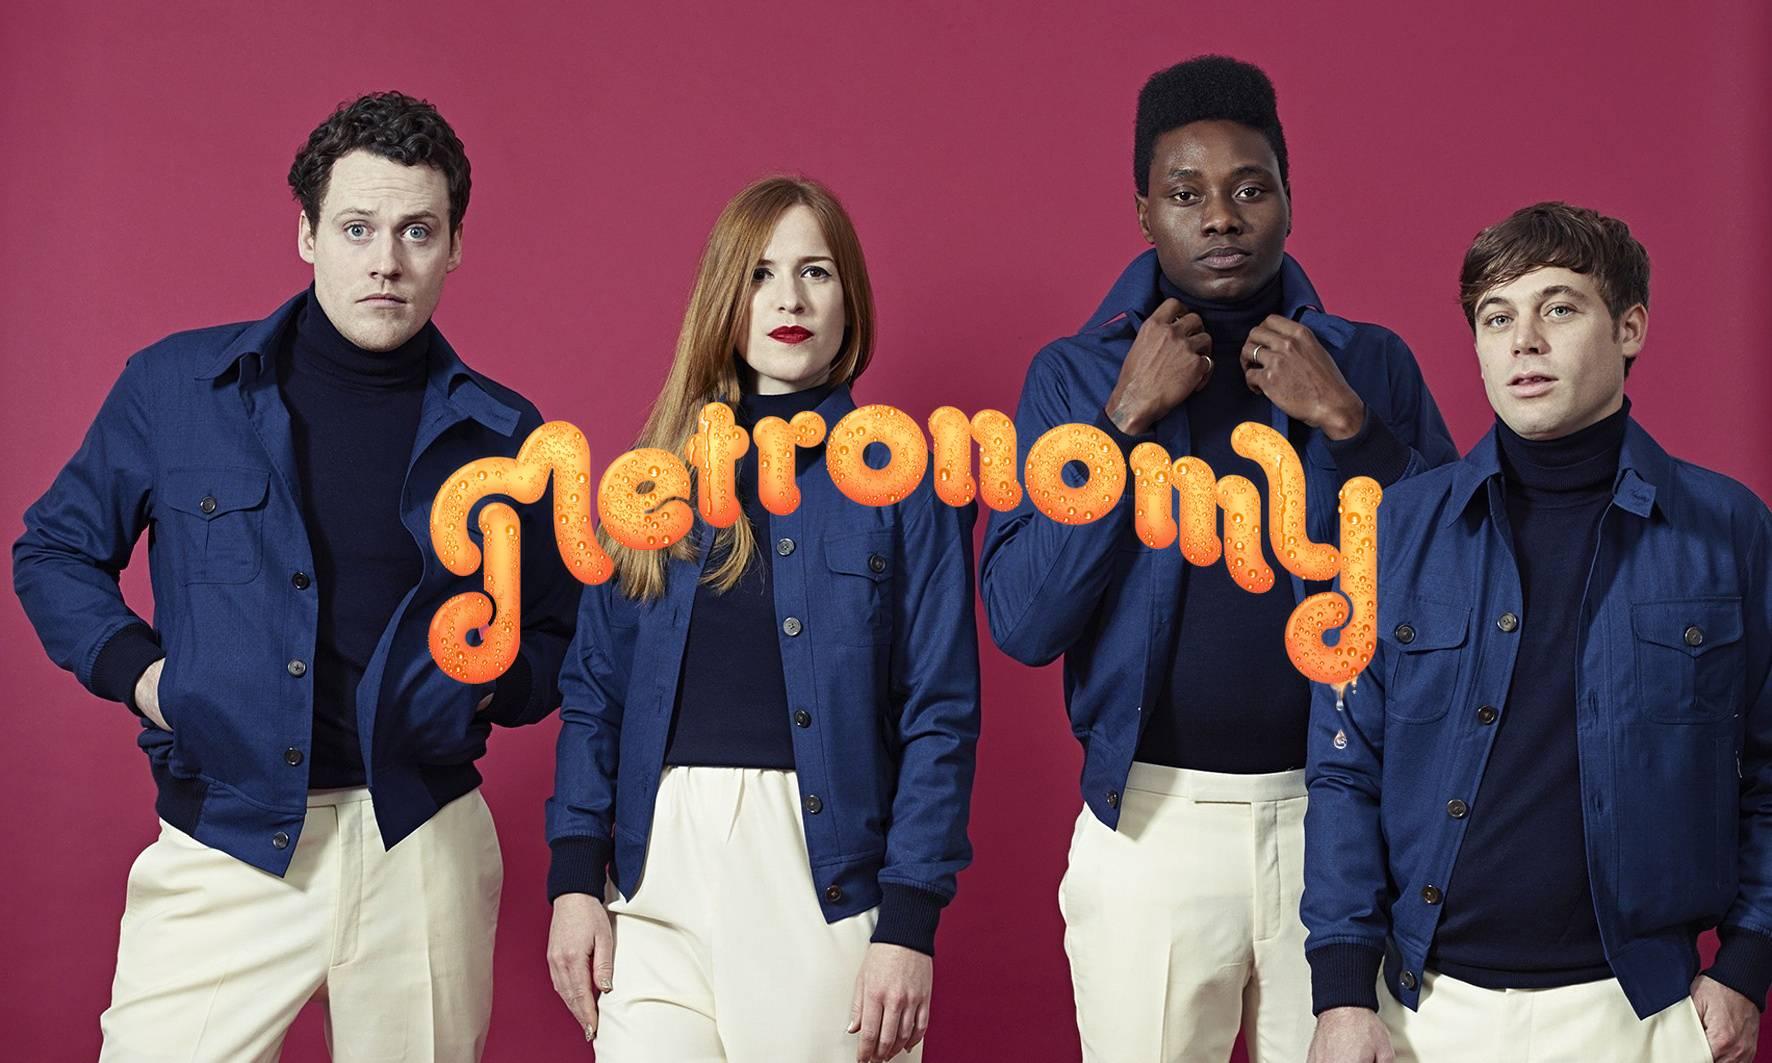 mejores canciones de metronomy